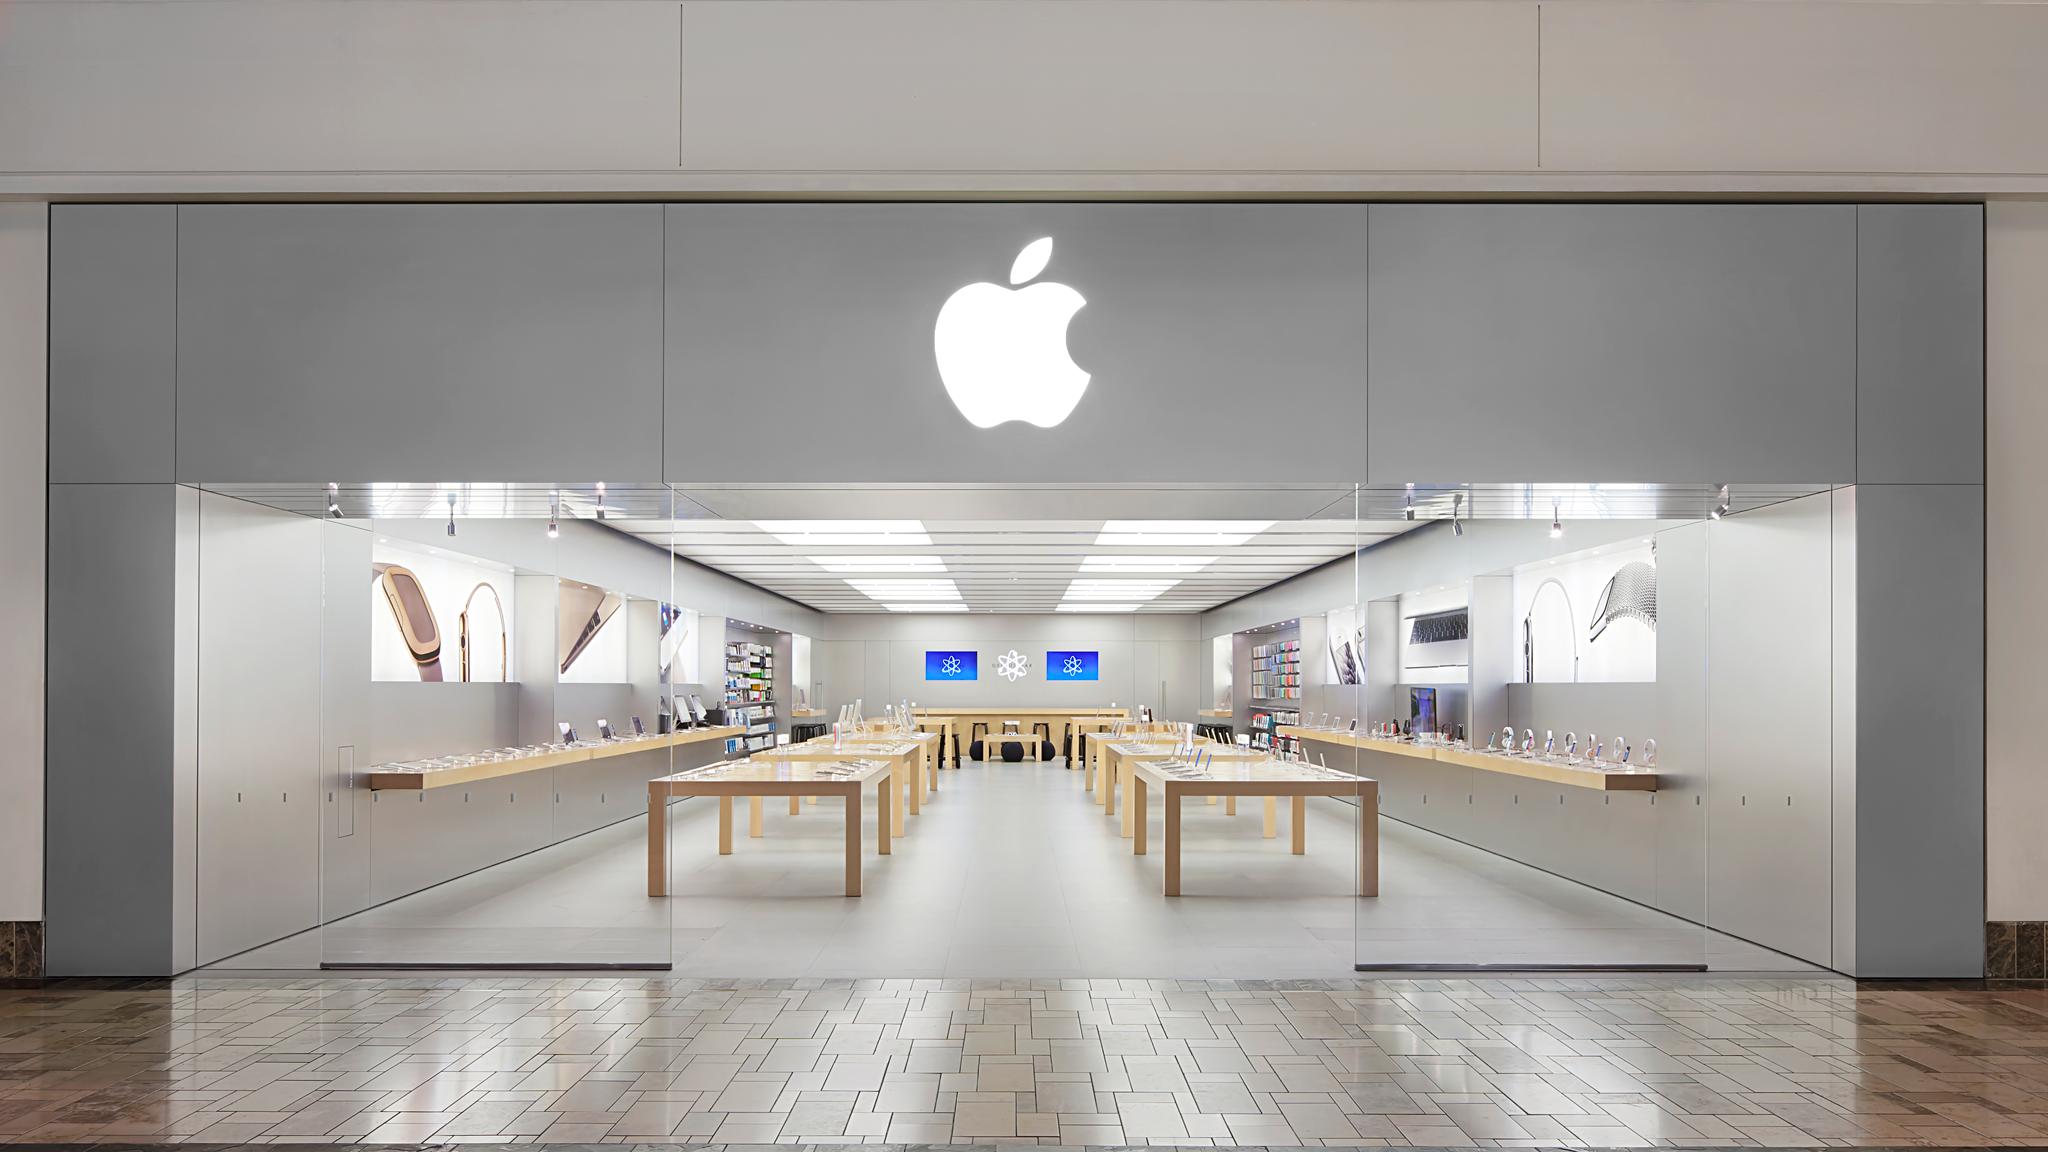 Apple Roseville, na Califórnia, roubada quatro vezes nos últimos 20 dias